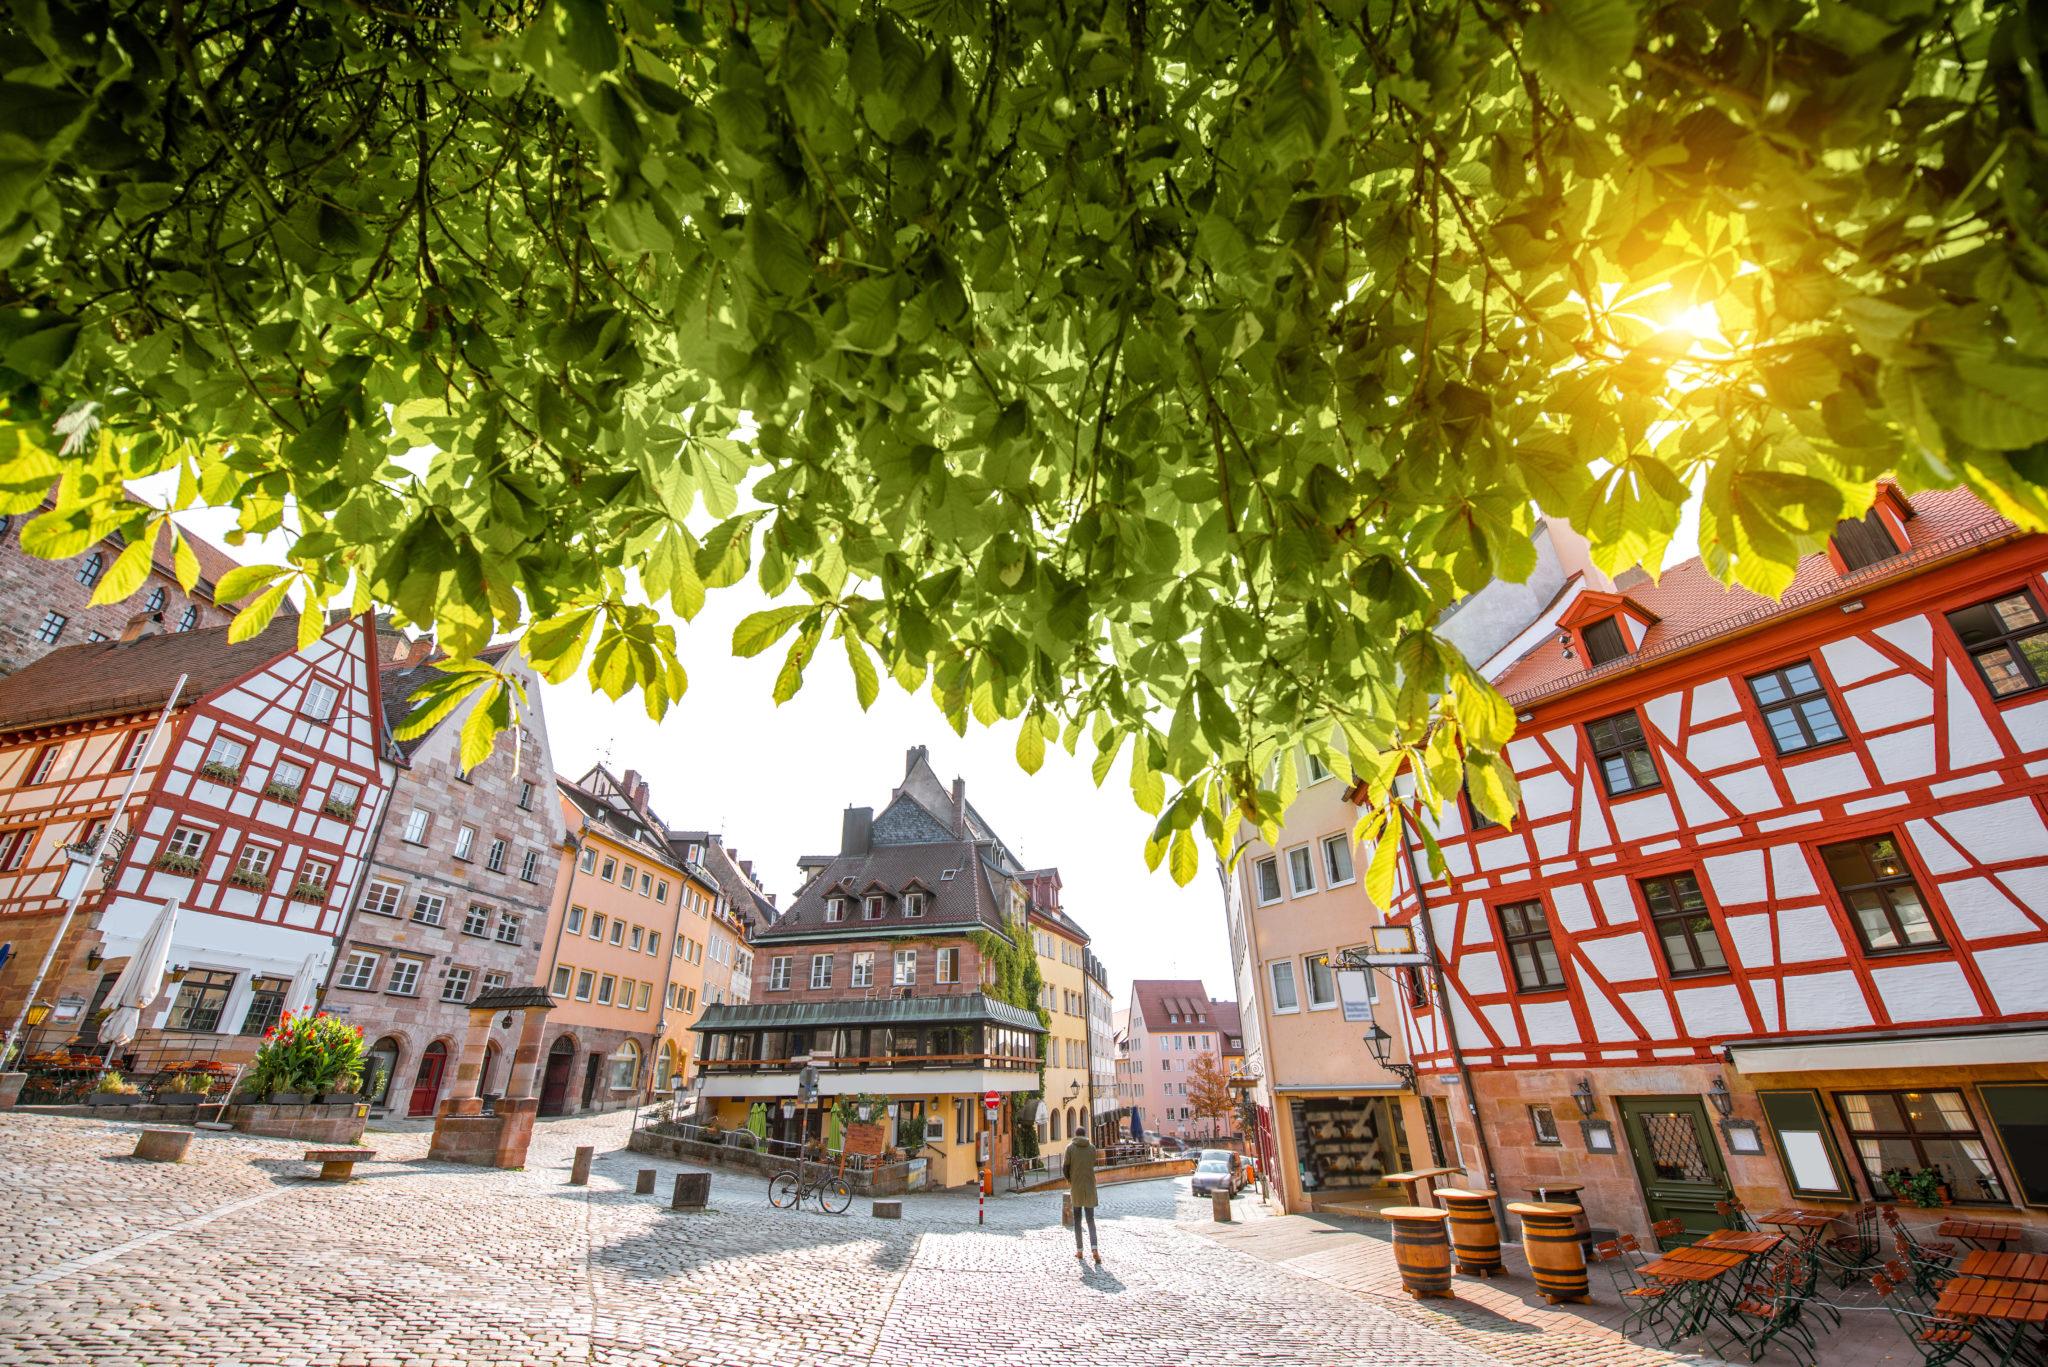 Die Altstadt von Nürnberg